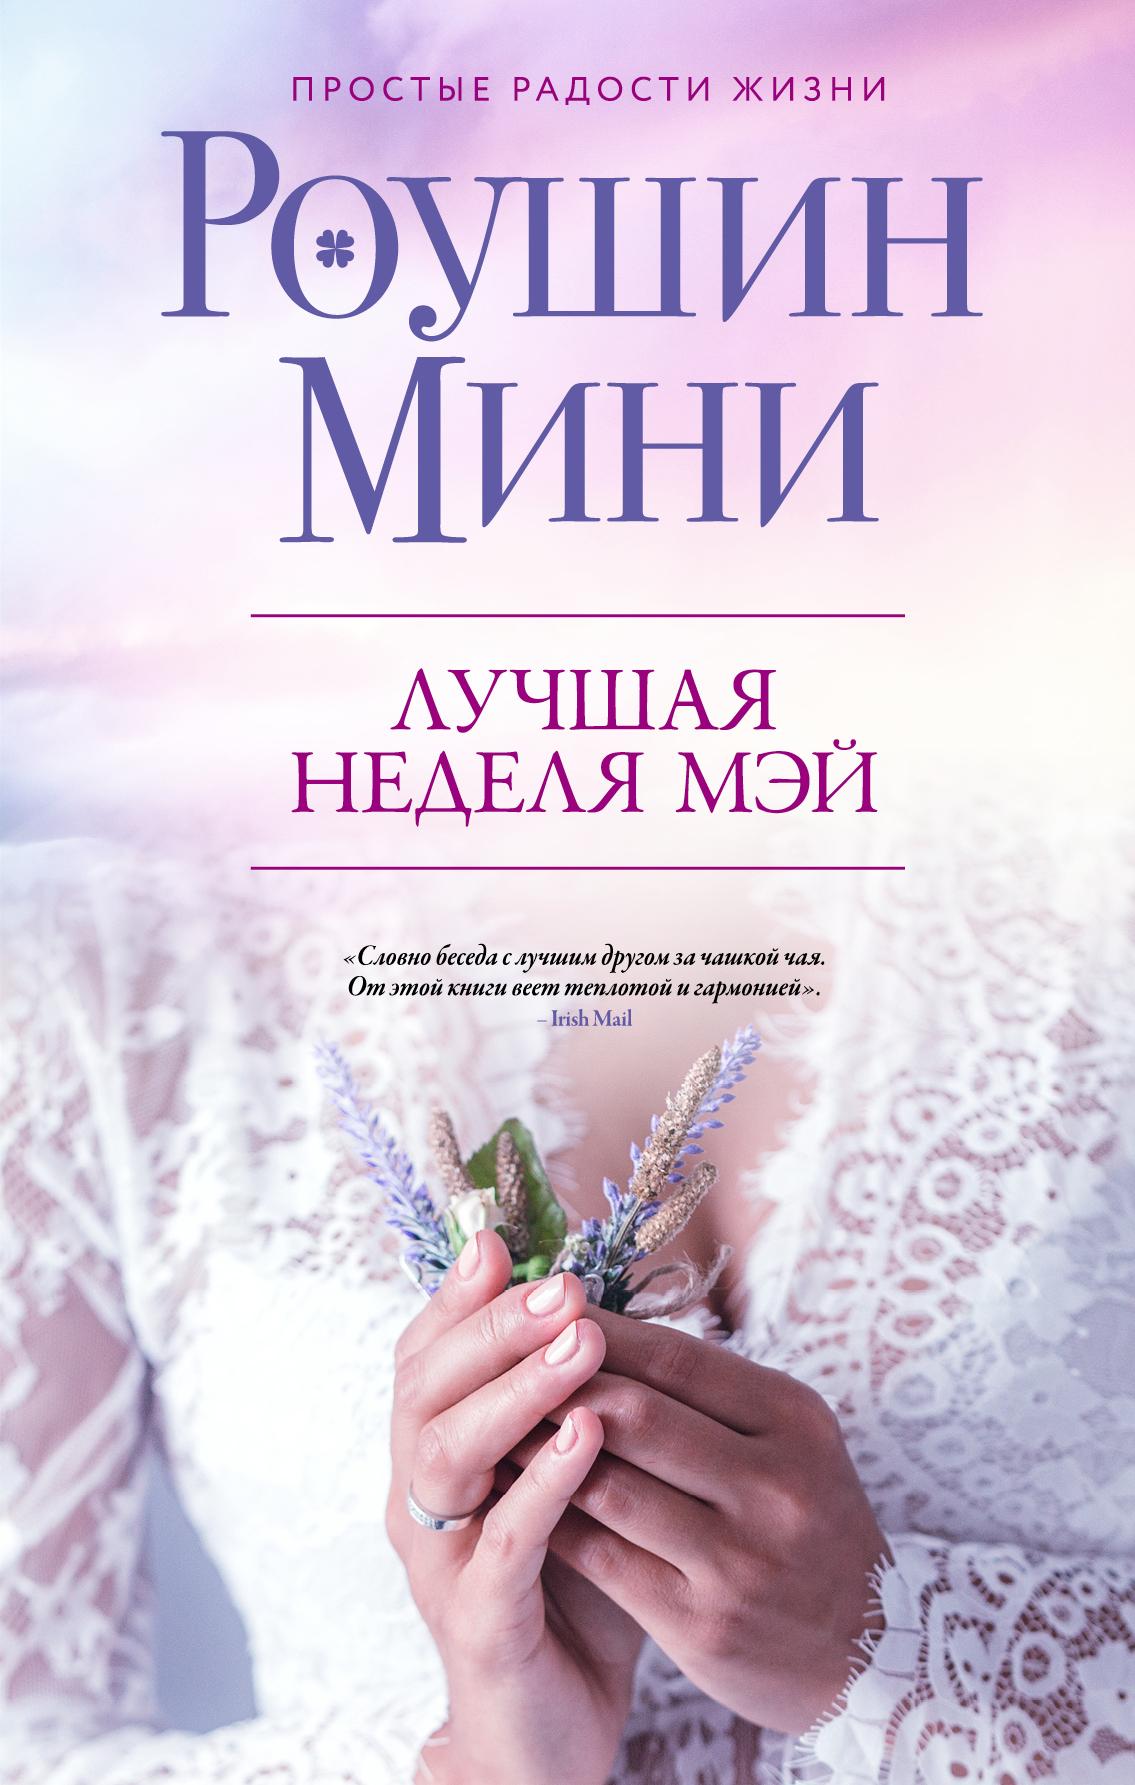 Лучшая неделя Мэй — Роушин Мини